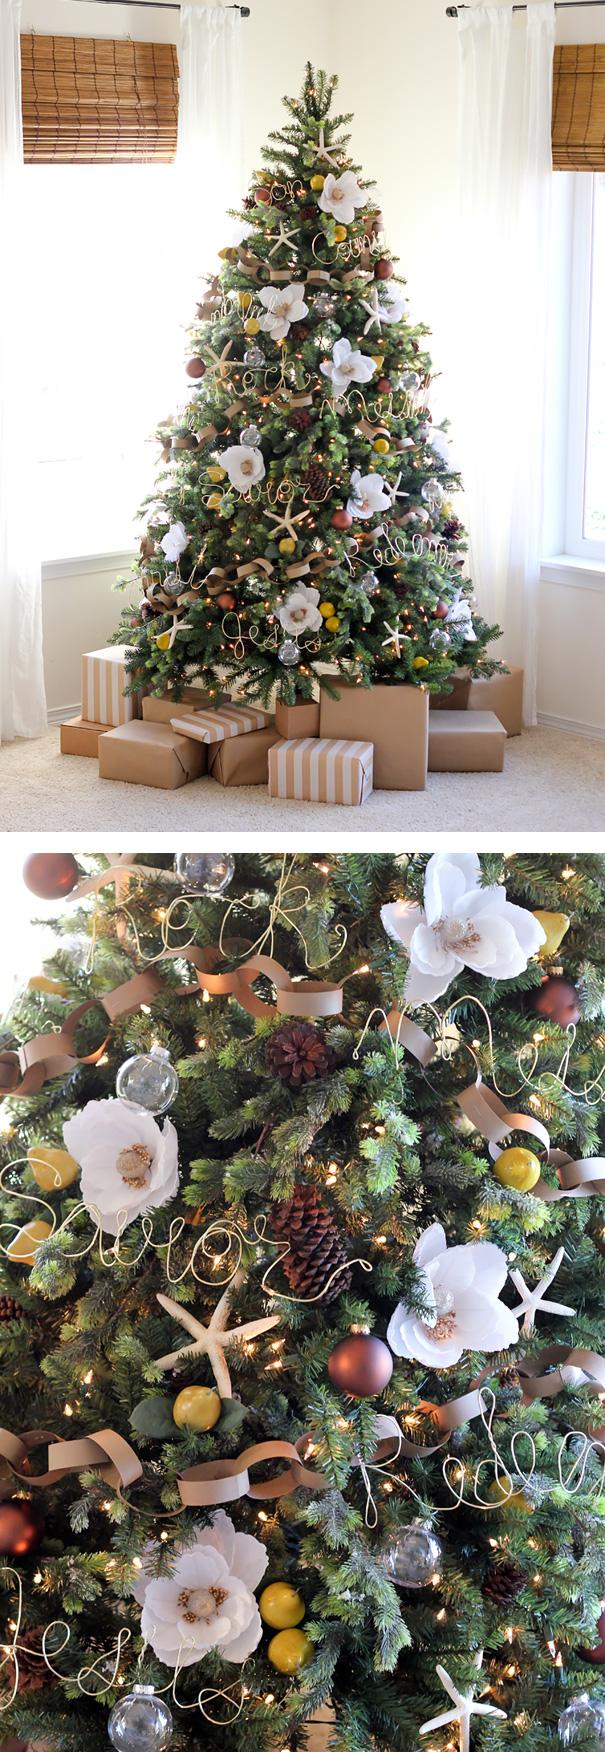 albero-natale-floreale-idee-decorazioni-07